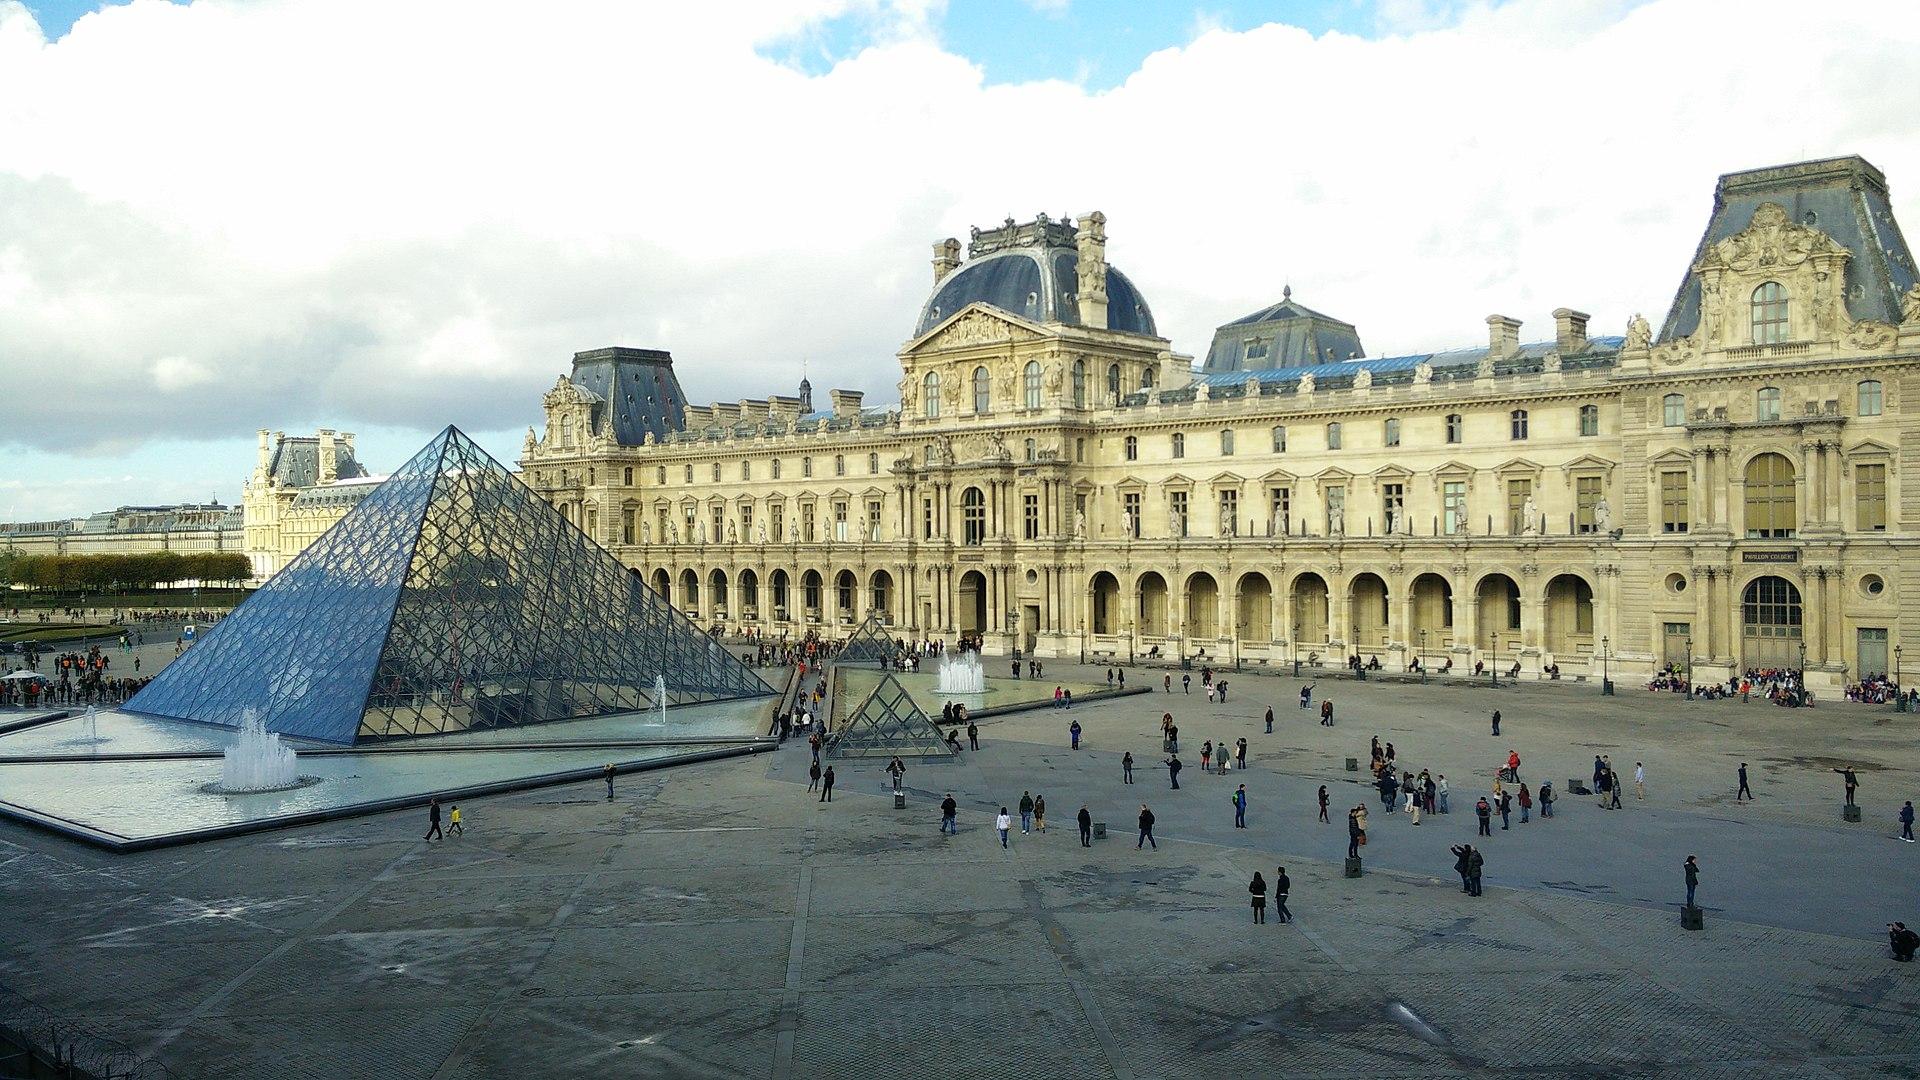 Paris 75001 Cour Napoléon Louvre Aile Turgot 02b 20141107 125236.jpg